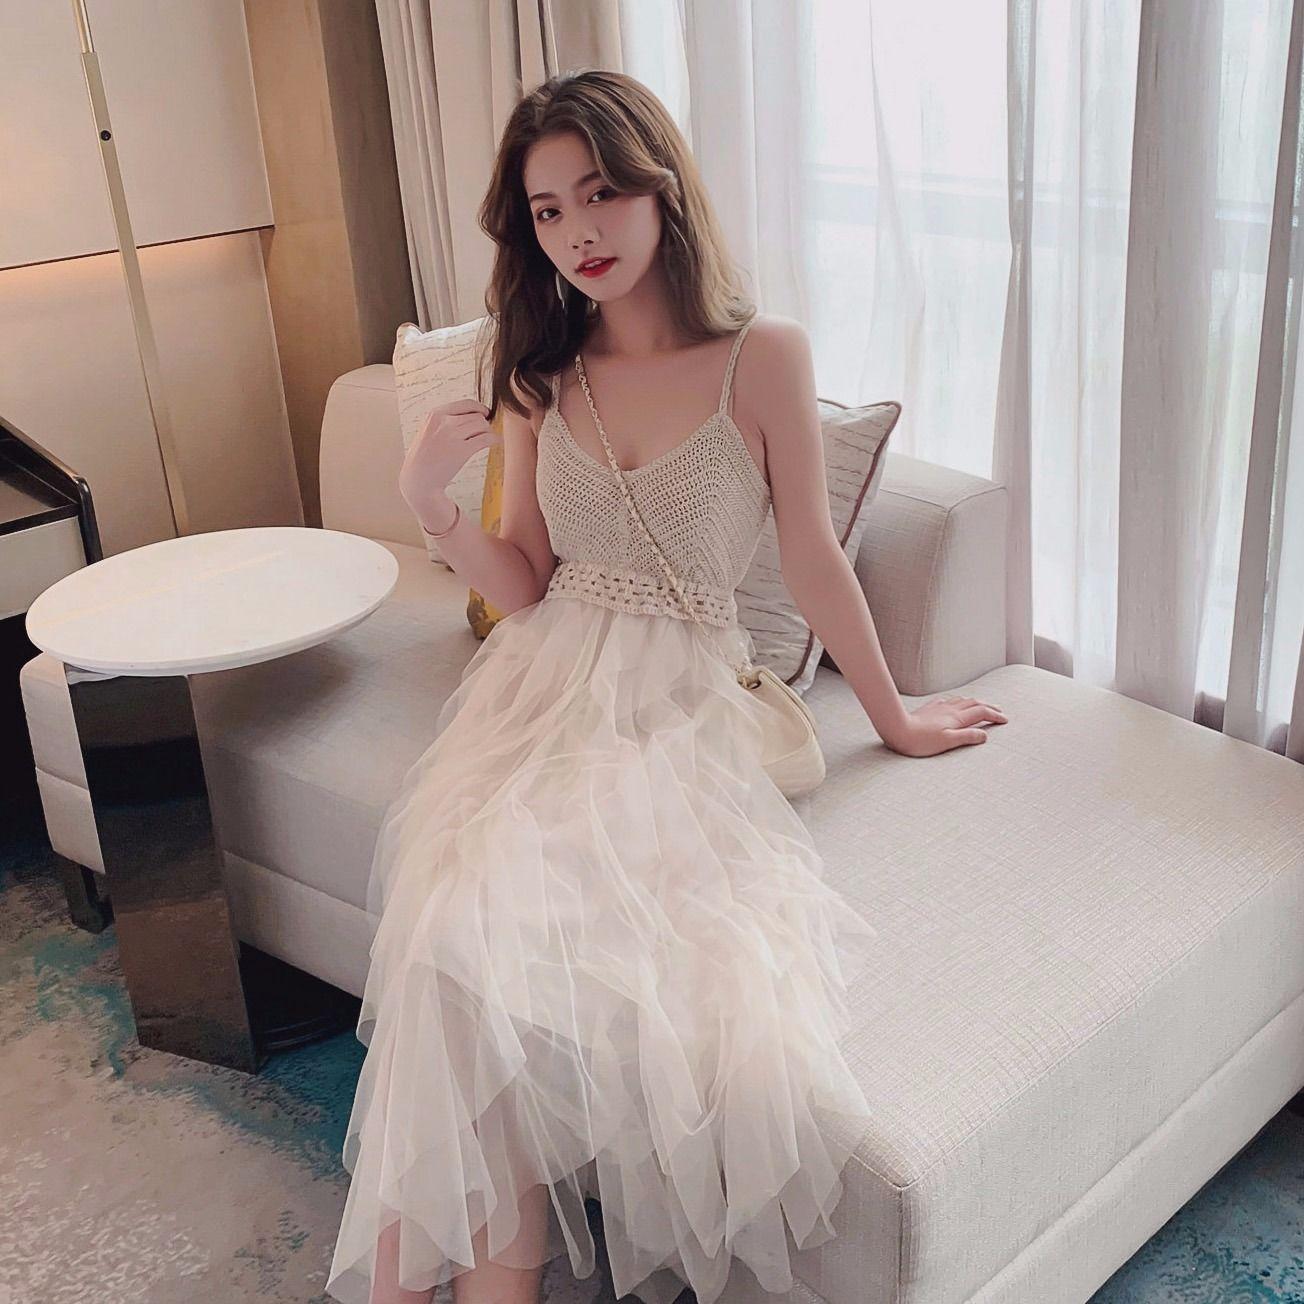 吊带裙子女2020新款流行仙女裙小众甜美网纱连衣裙超仙层层蛋糕男